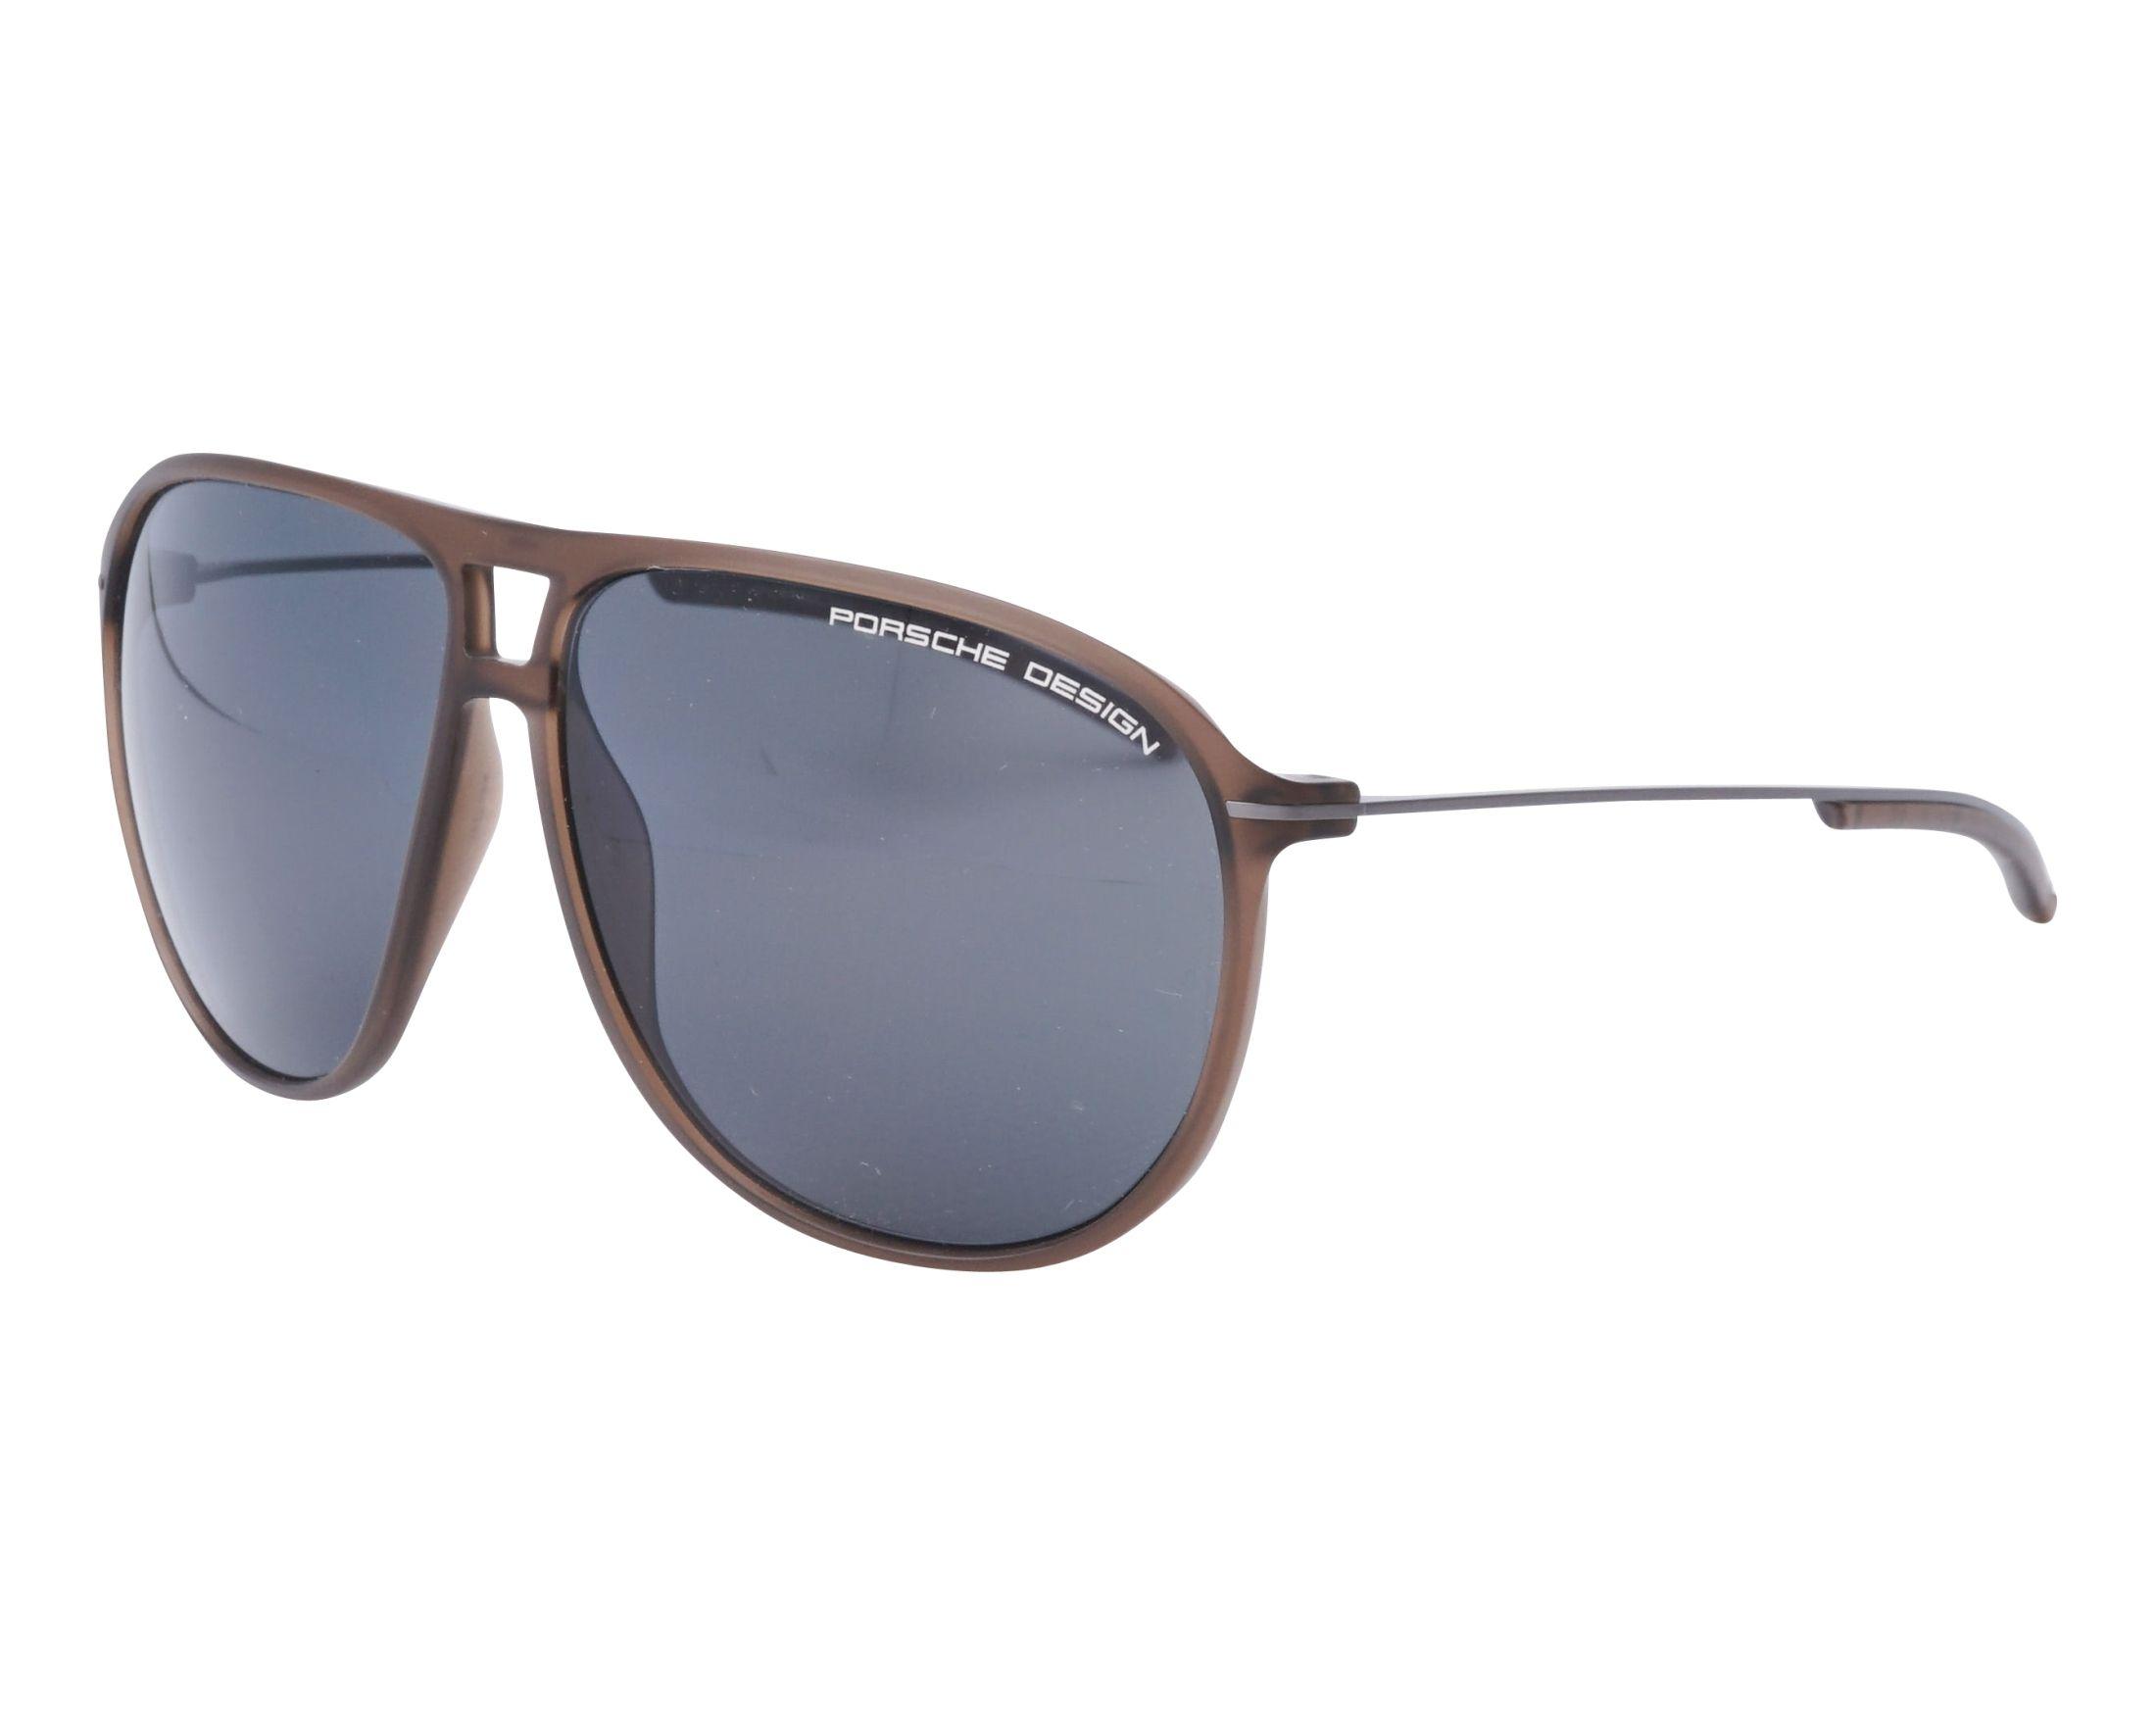 lunettes de soleil porsche design p 8635 b marron visionet. Black Bedroom Furniture Sets. Home Design Ideas